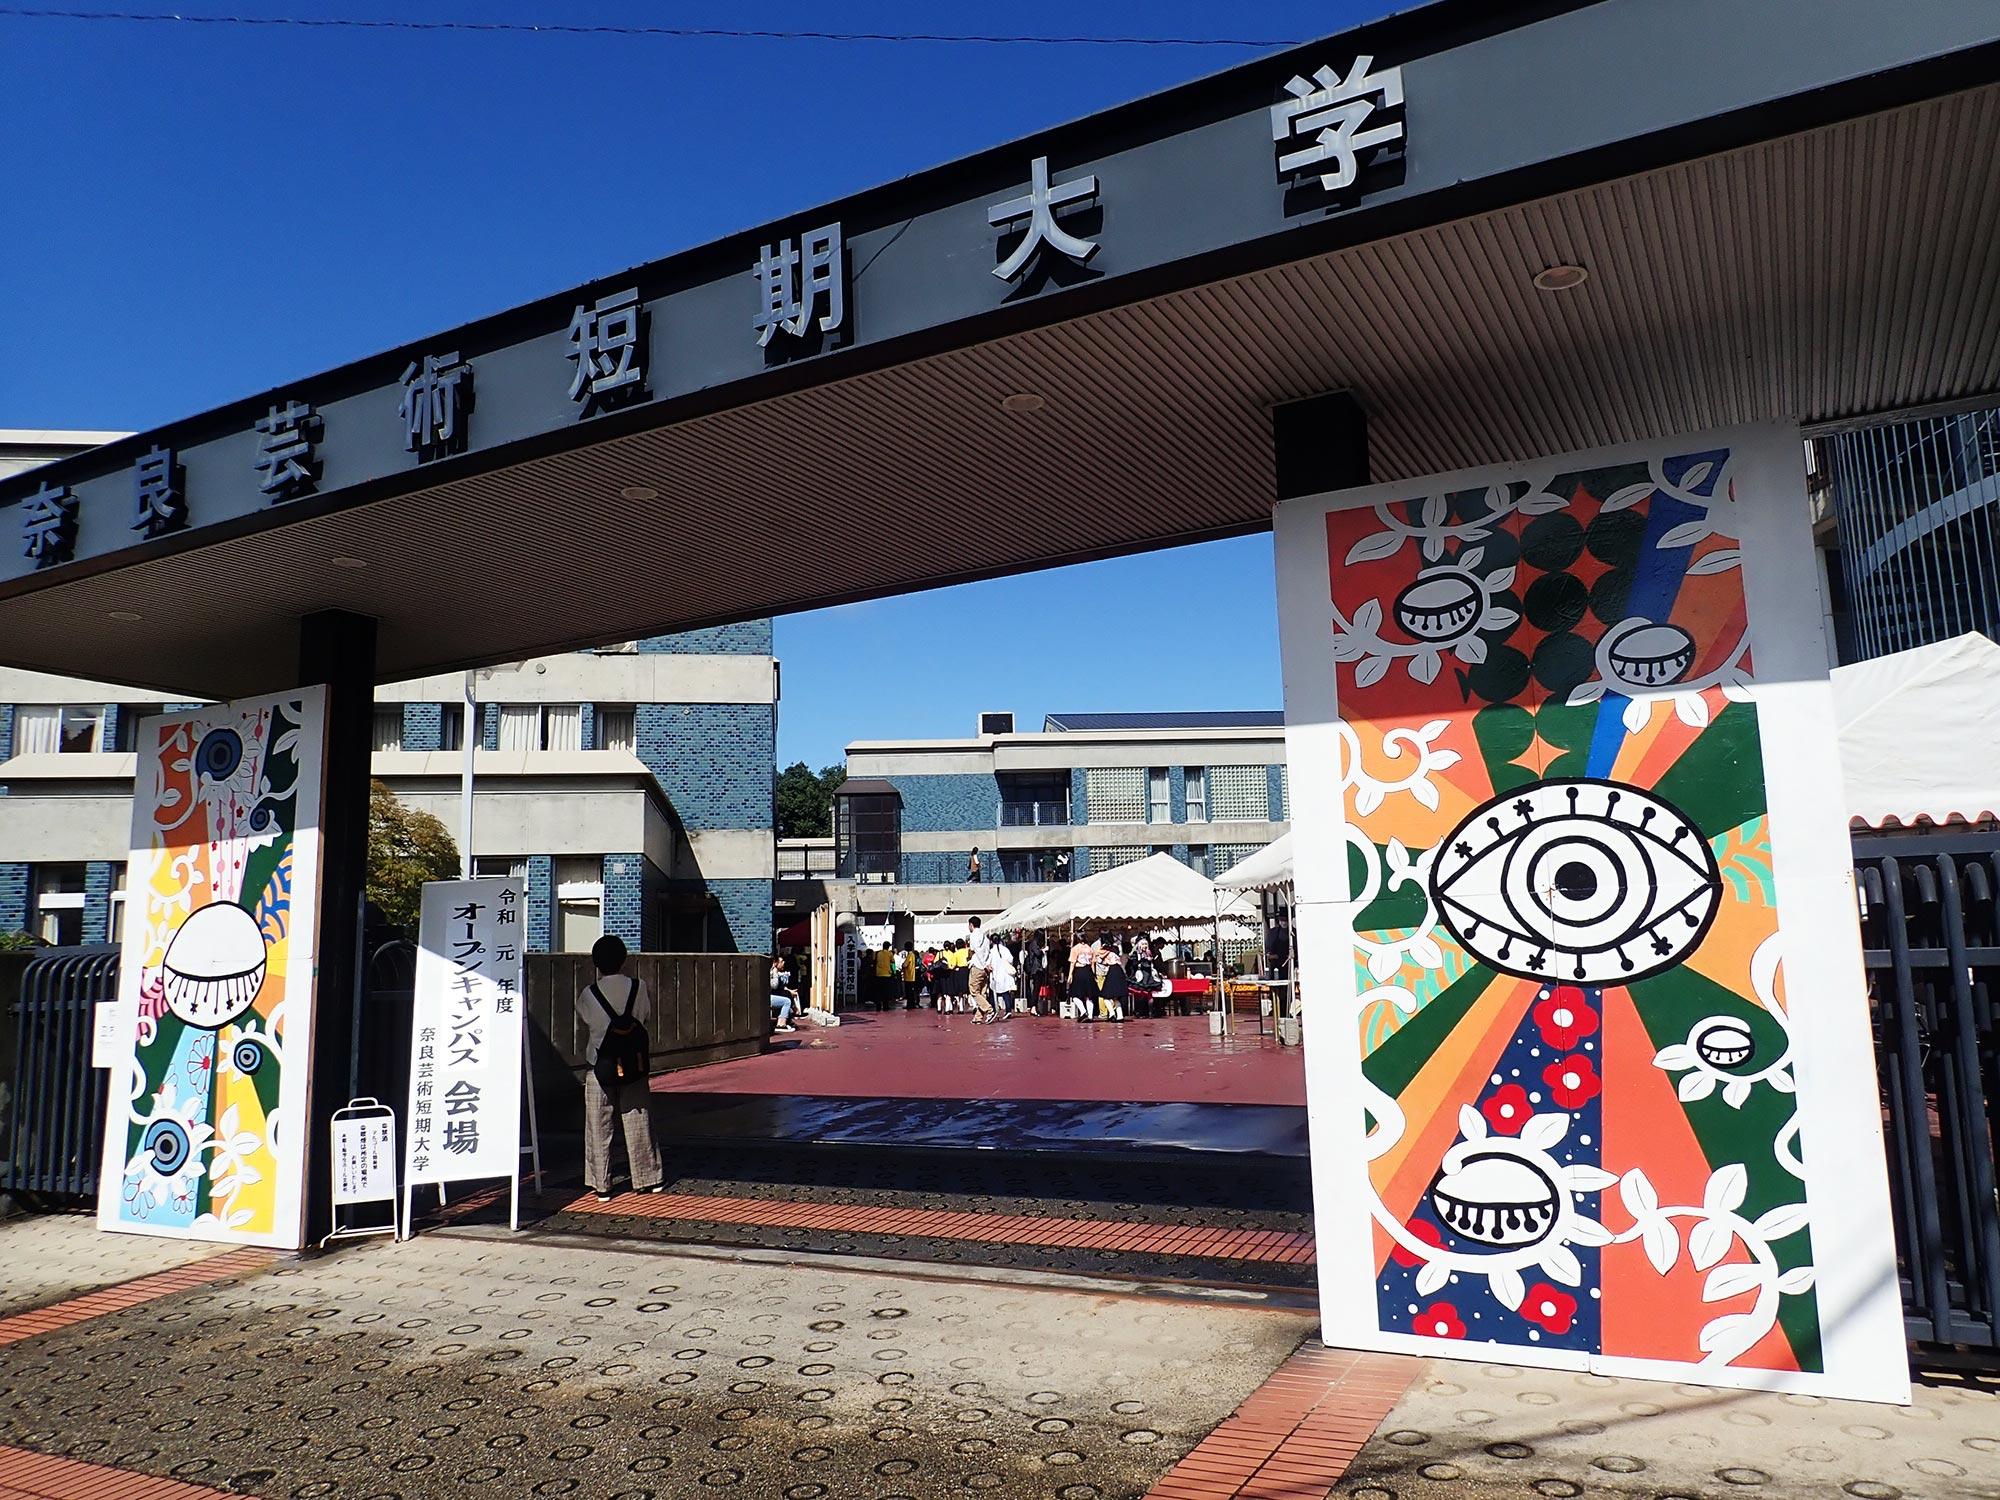 紫苑祭の奈良芸術短期大学の写真